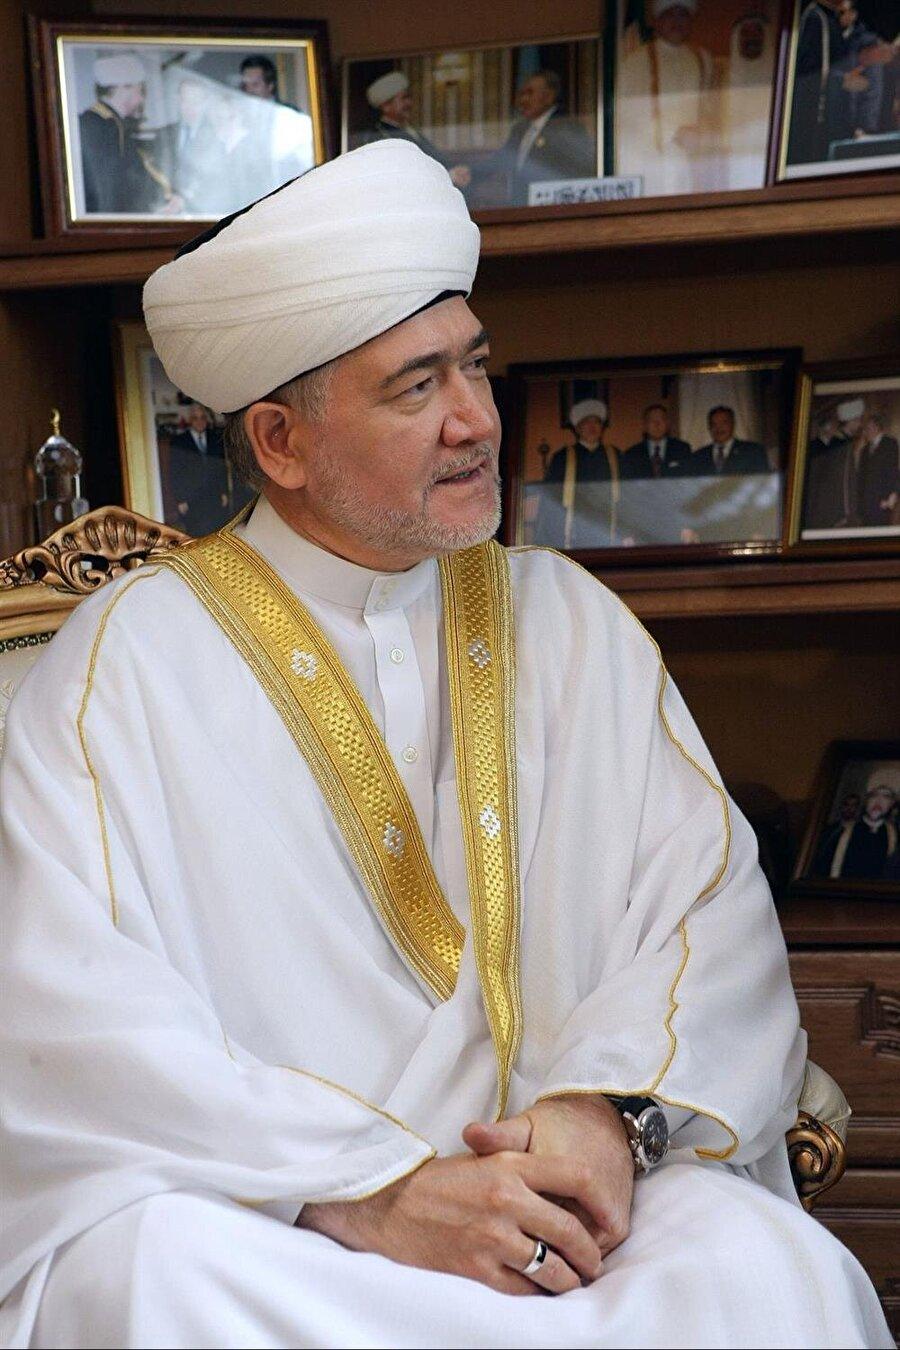 Rusya Müslümanları Merkezi Dini İdaresi Başkanlığına kurulmuş Rusya Müftüler Konseyi başkanı Ravil Gaynuddin.